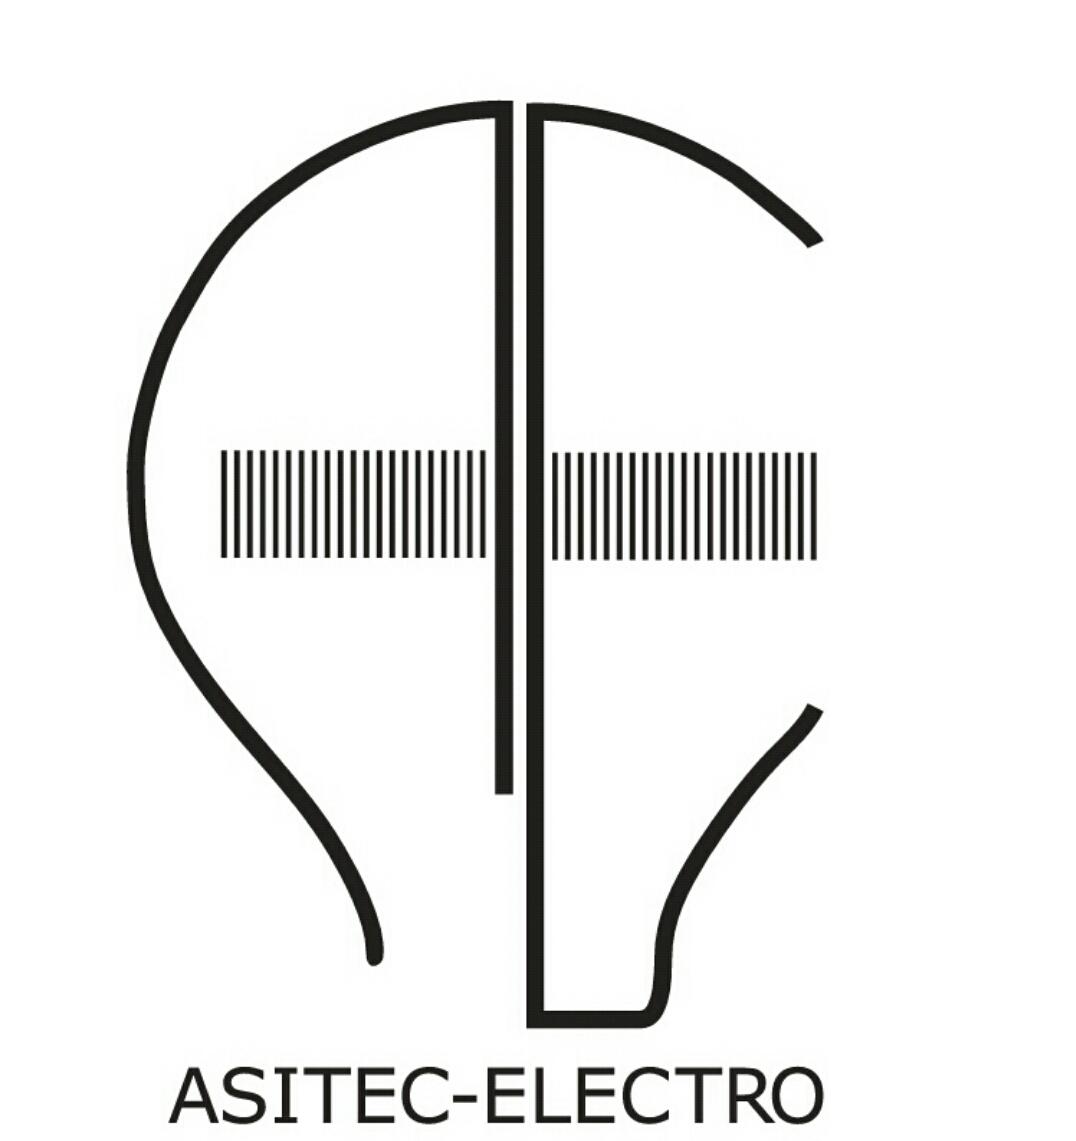 Asitec Electro